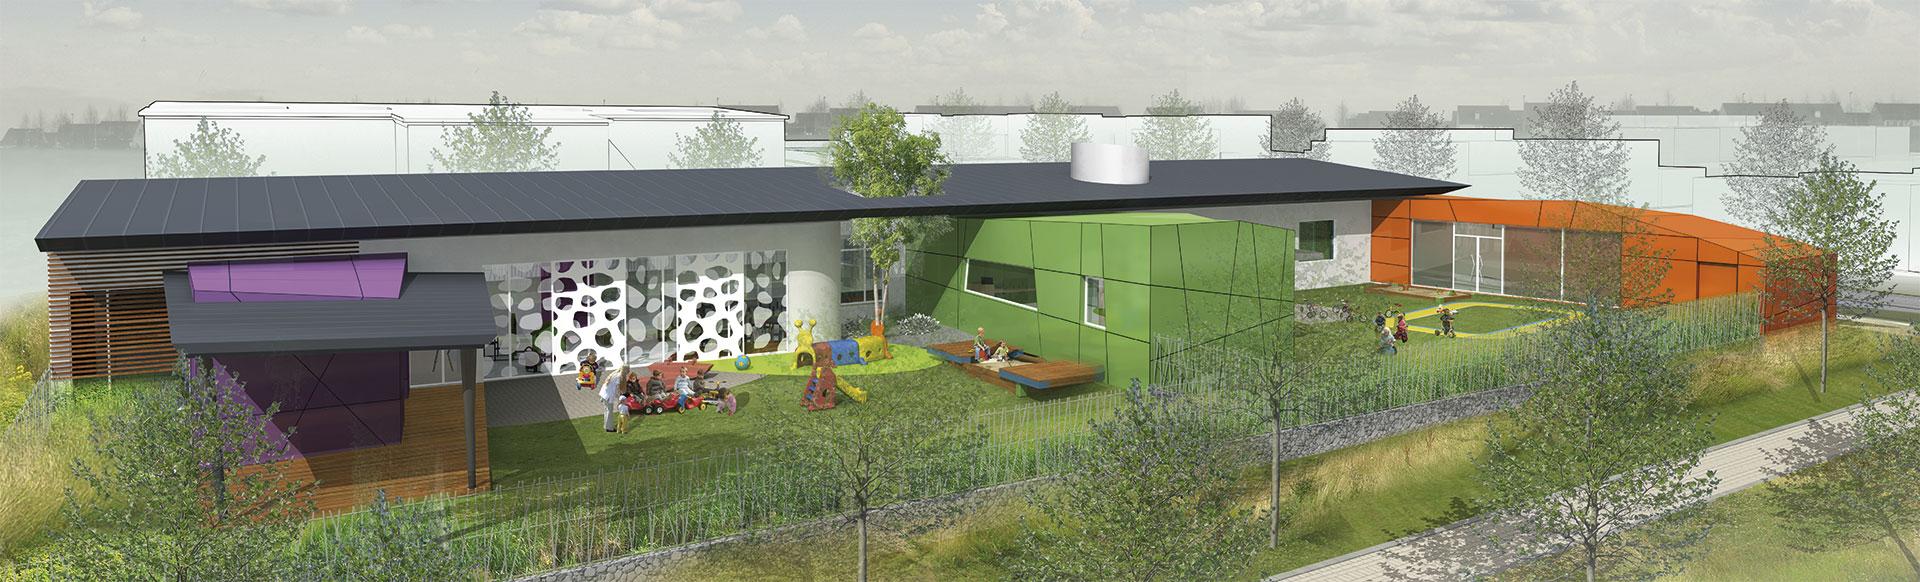 Maison de la Petite Enfant à Gauchy